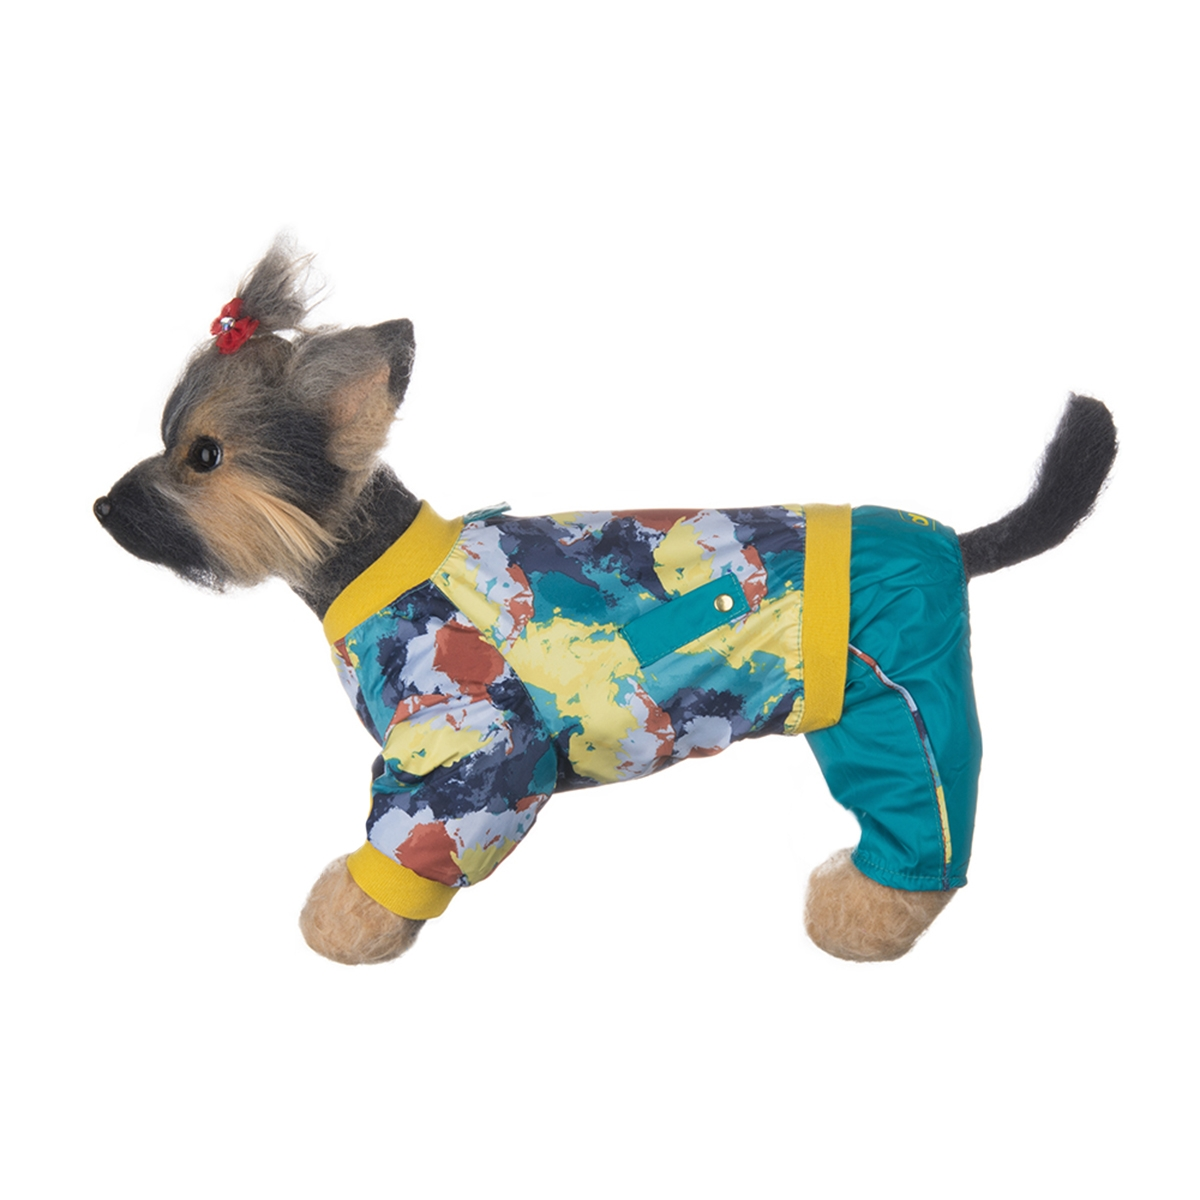 Комбинезон для собак Dogmoda Акварель, для мальчика, цвет: морской волны, желтый. Размер 1 (S)DM-150312-1Комбинезон для собак Dogmoda Акварель отлично подойдет для прогулок поздней осенью или ранней весной. Комбинезон изготовлен из полиэстера, защищающего от ветра и осадков, с подкладкой из флиса, которая сохранит тепло и обеспечит отличный воздухообмен. Комбинезон застегивается на кнопки, благодаря чему его легко надевать и снимать. Ворот, низ рукавов оснащены широкими трикотажными манжетами, которые мягко обхватывают шею и лапки, не позволяя просачиваться холодному воздуху. На пояснице комбинезон декорирован трикотажной резинкой.Благодаря такому комбинезону простуда не грозит вашему питомцу и он не даст любимцу продрогнуть на прогулке.Одежда для собак: нужна ли она и как её выбрать. Статья OZON Гид